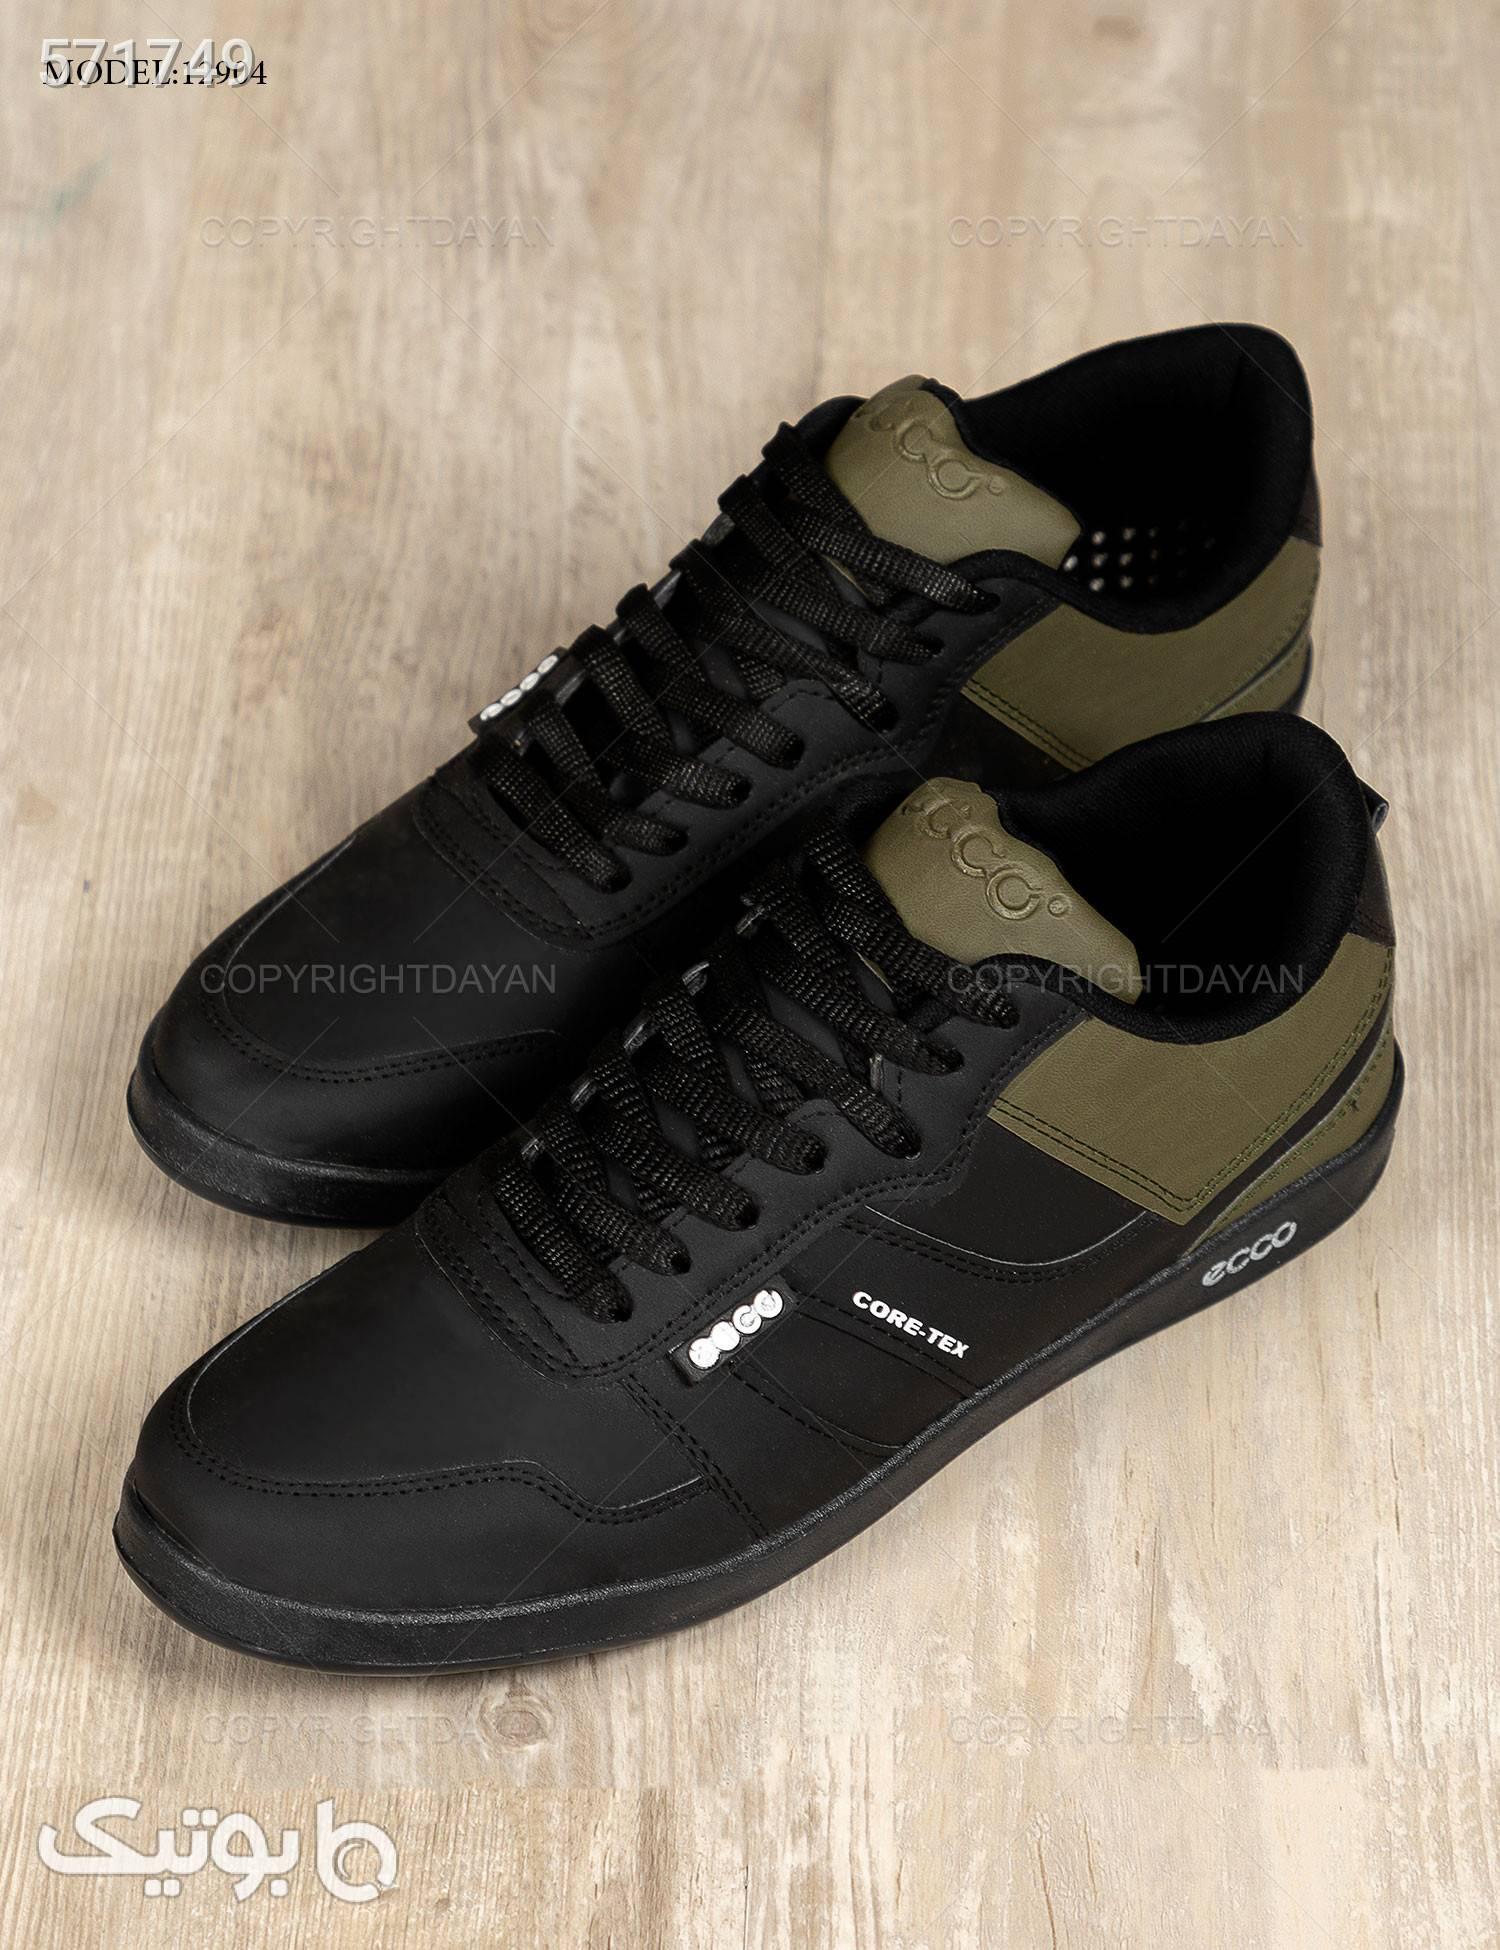 کفش مردانه Ecco مدل 12904 مشکی كفش مردانه